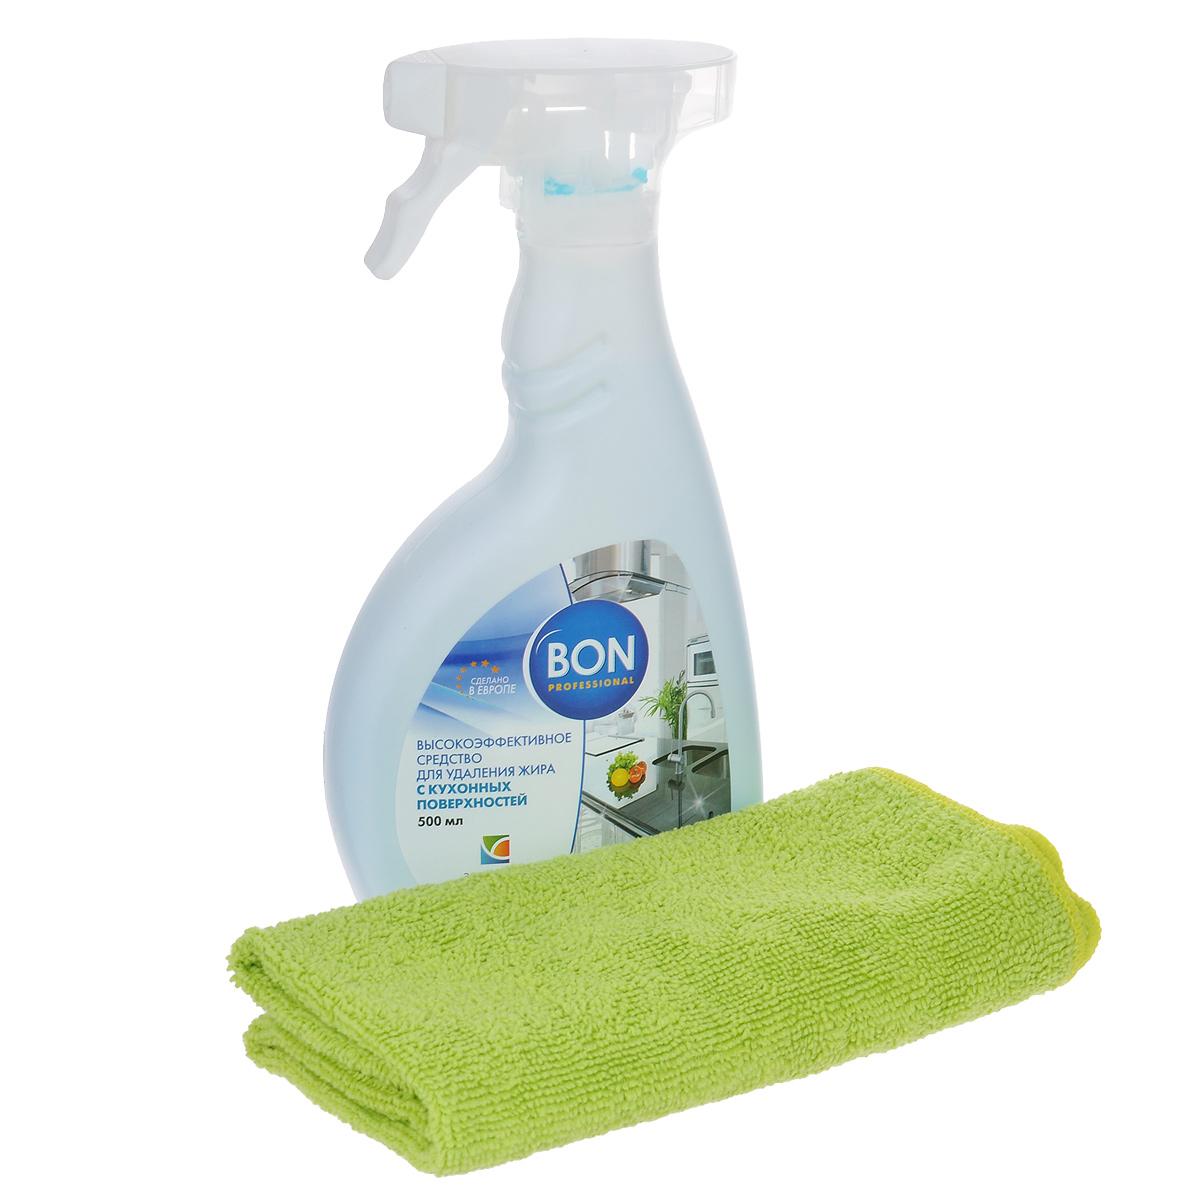 Набор для ухода за кухонными поверхностями Bon, 2 предметаBN-21061Набор для ухода за кухонными поверхностями Bon состоит из средства для удаления жира с распылителем и салфетки из микрофибры. Средство эффективно удаляет жировые отложения со всех типов поверхностей на кухне. Обеспечивает антибактериальный эффект, уничтожая микроорганизмы и бактерии. Создает на кухне идеальные гигиенические условия. Не оставляет никаких следов на очищаемой поверхности. Безопасно для окружающей среды, биологически перерабатывается более чем на 90%. Без запаха. Салфетка из микрофибры предназначена для очистки поверхностей кухни от любых видов загрязнений, для полировки и придания блеска. Идеально подходит для использования со средствами Bon для ухода за кухонными поверхностями. Не оставляет разводов и ворсинок. Обладает повышенной прочностью. В одном наборе Bon есть все необходимое для качественного ухода за кухонными поверхностями.Состав средства: вода, Состав салфетки: 75% полиэстер, 25% полиамид. Объем средства: 500 мл. Размер салфетки: 35 см х 39 см.